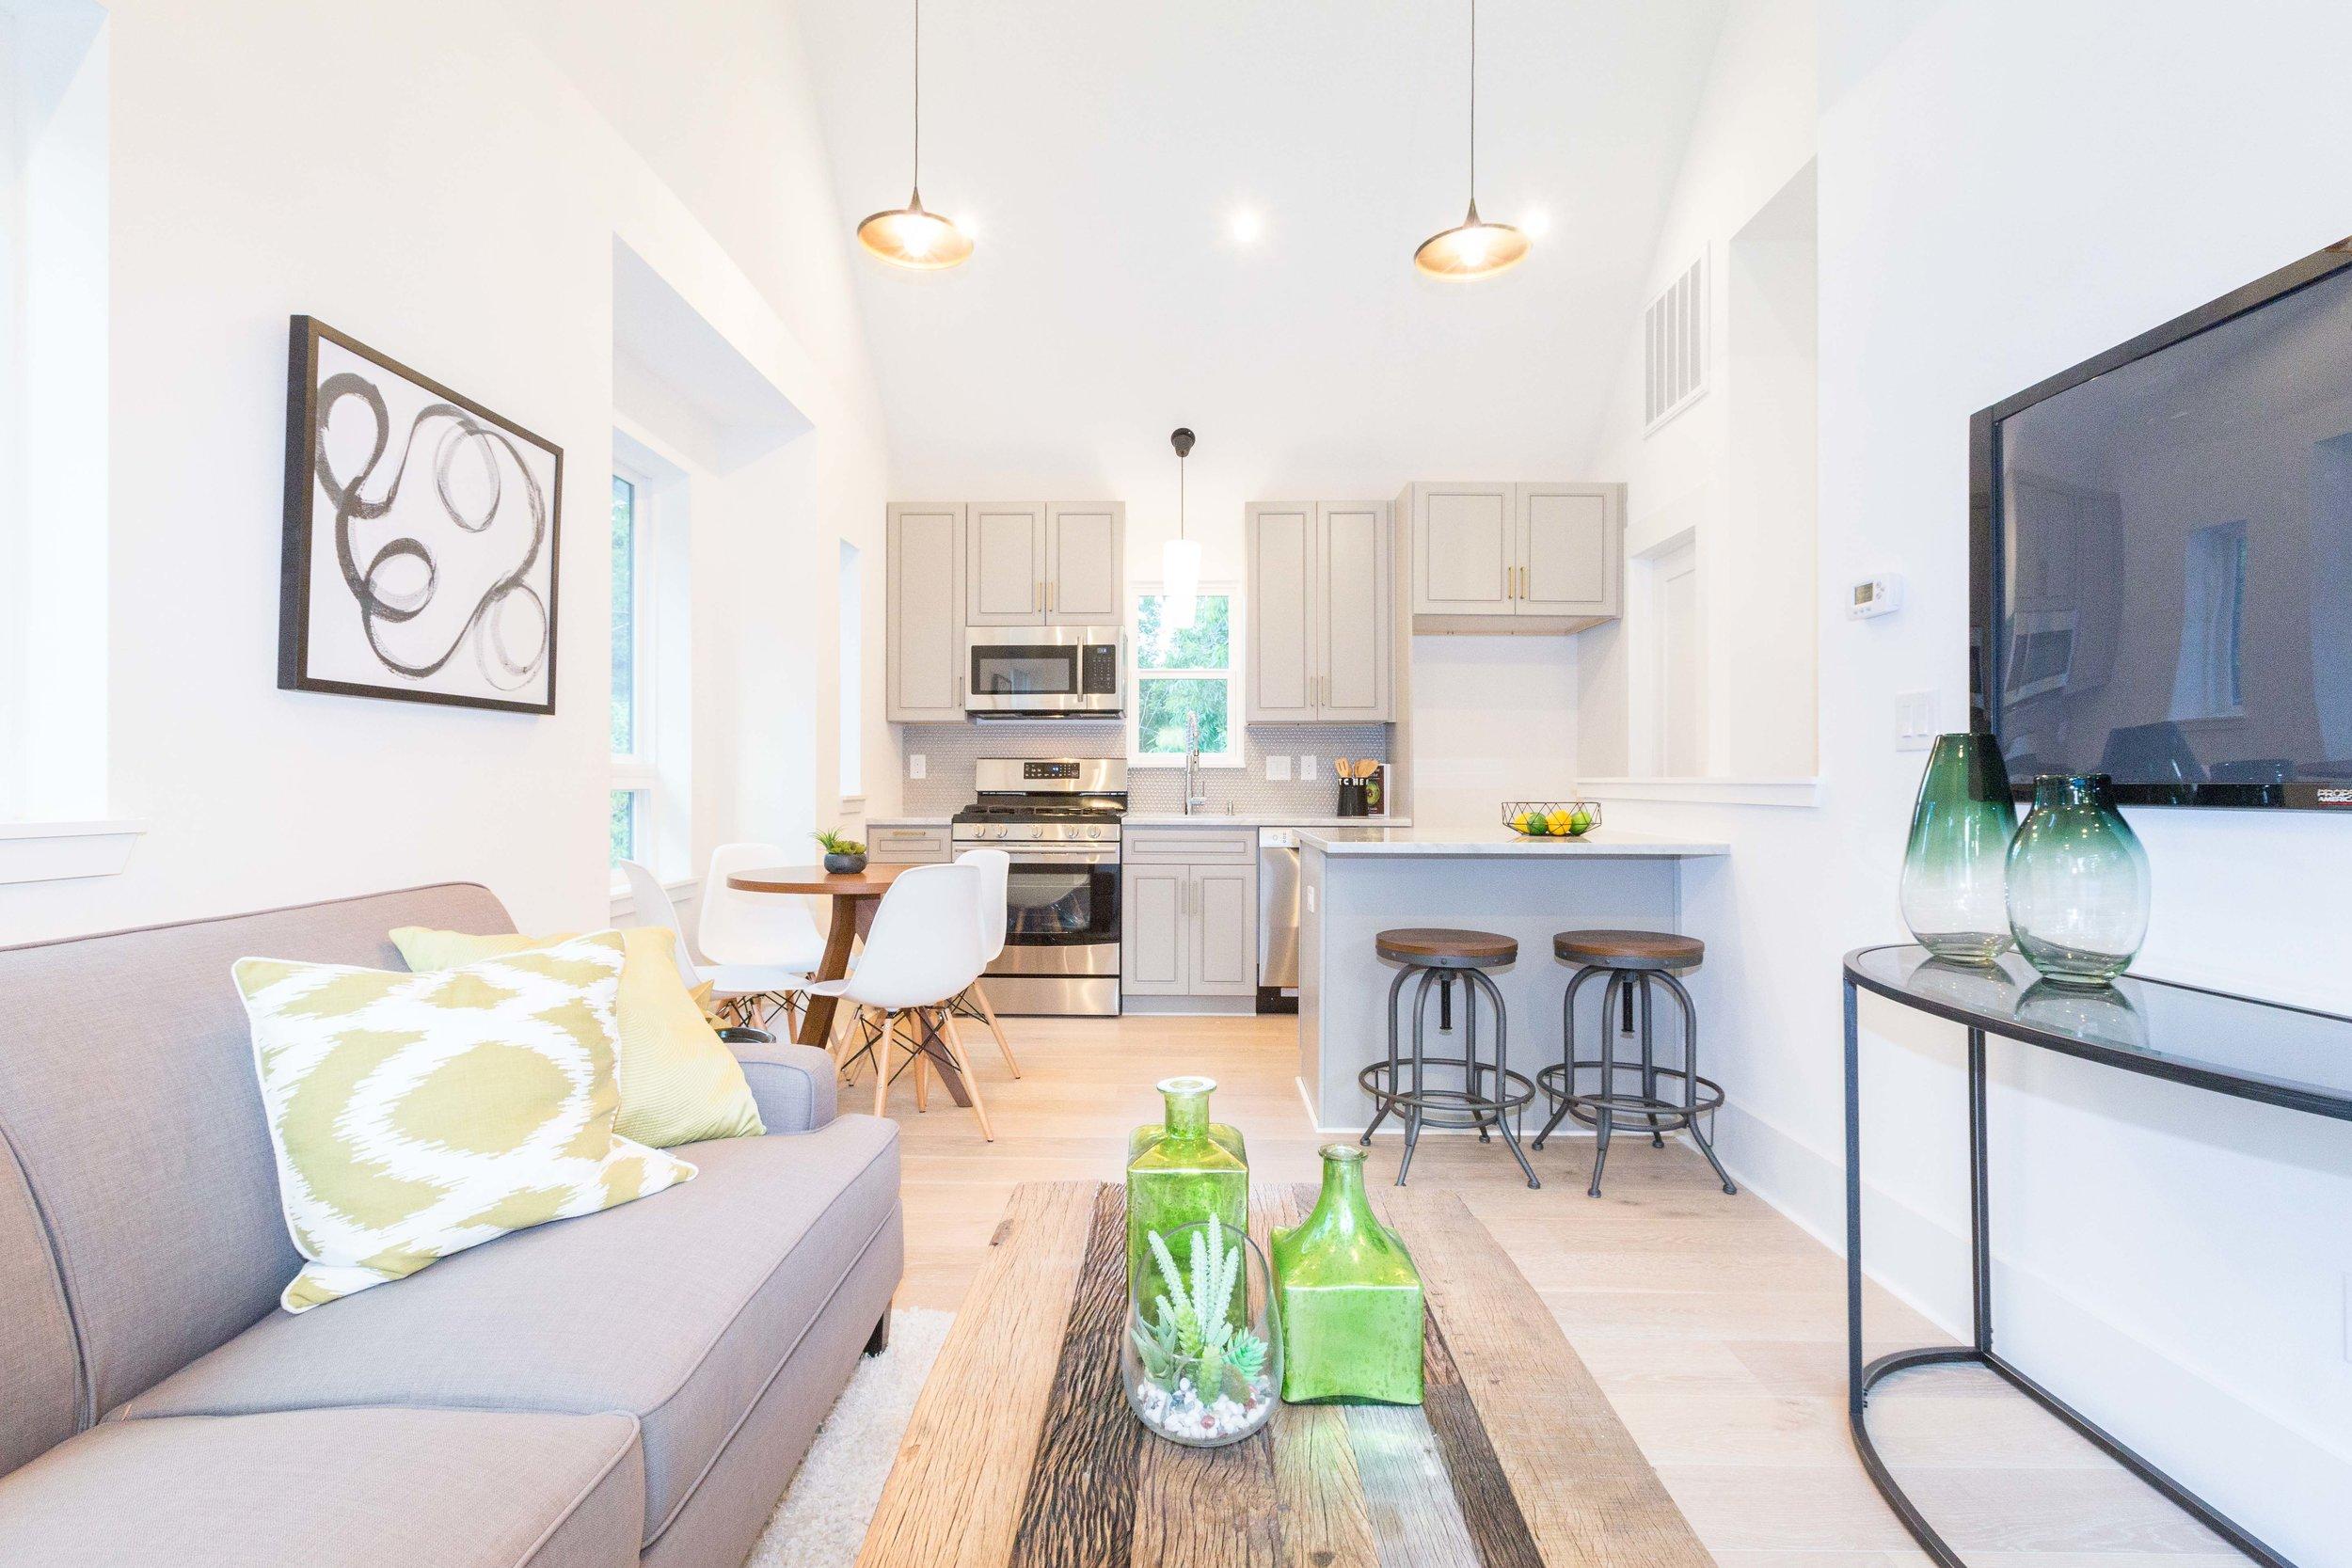 2504_WillowB_-_East_Austin_Alley_House_Modern_Cottage-9692[1].jpg